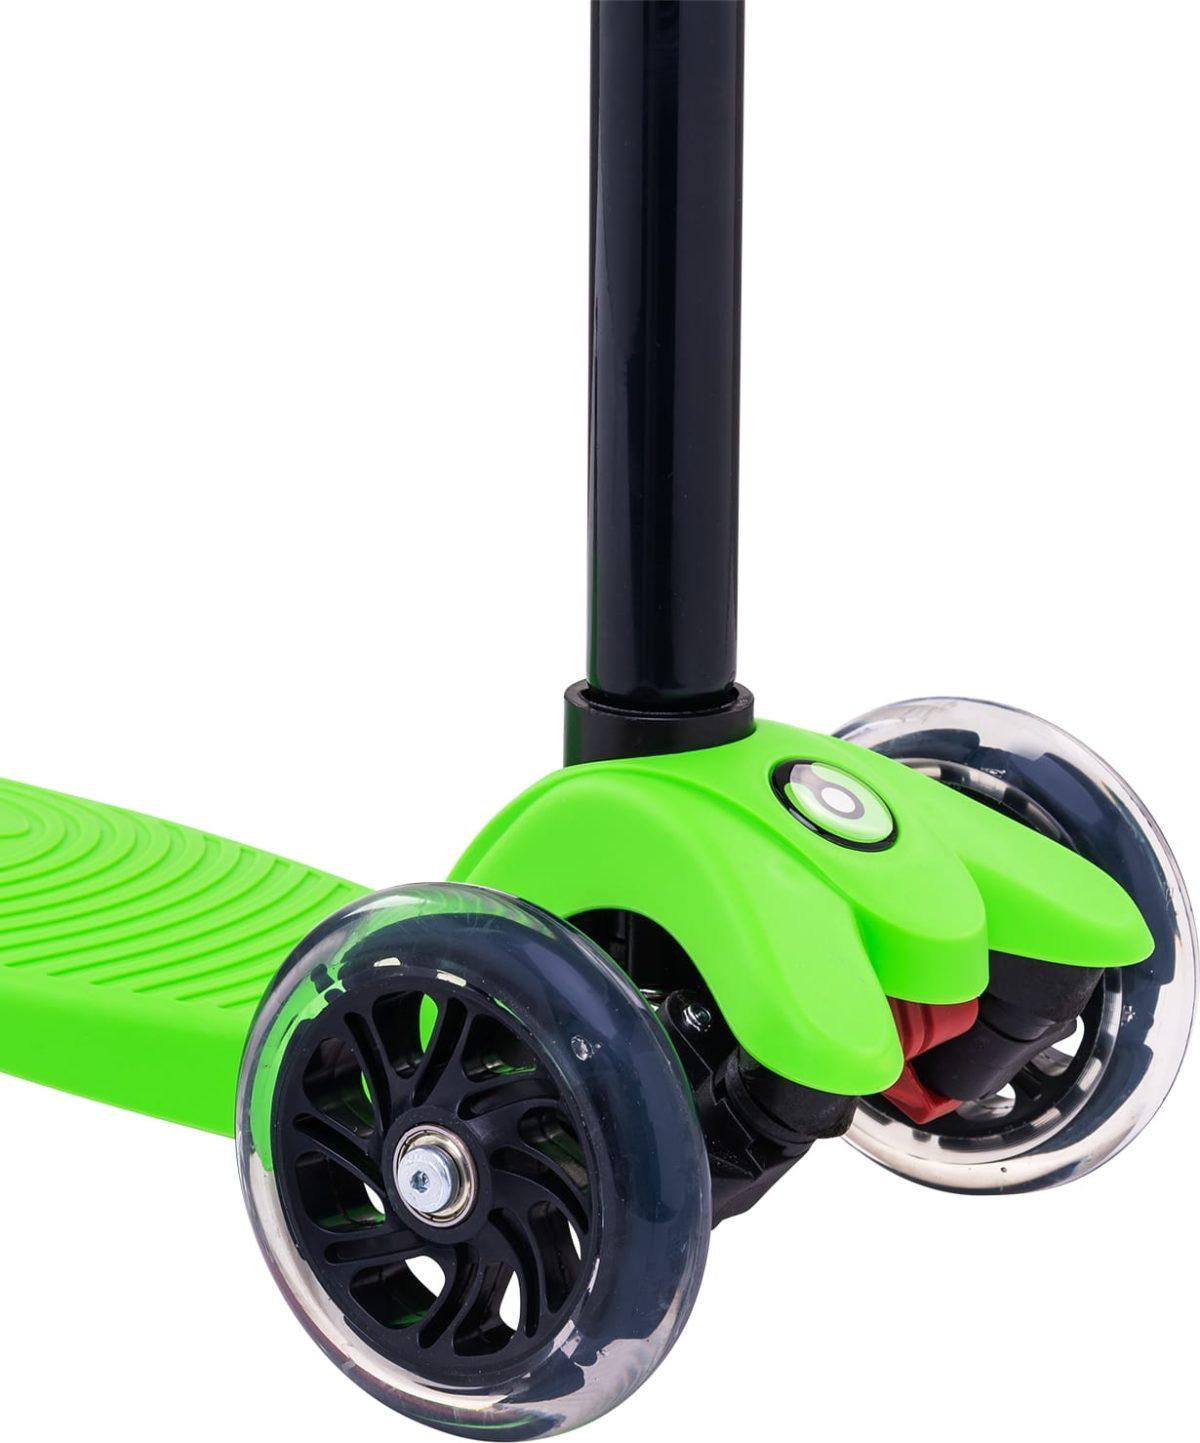 RIDEX Snappy 3D Самокат 3-х колесный 120/80 мм  Snappy: зелёный - 3